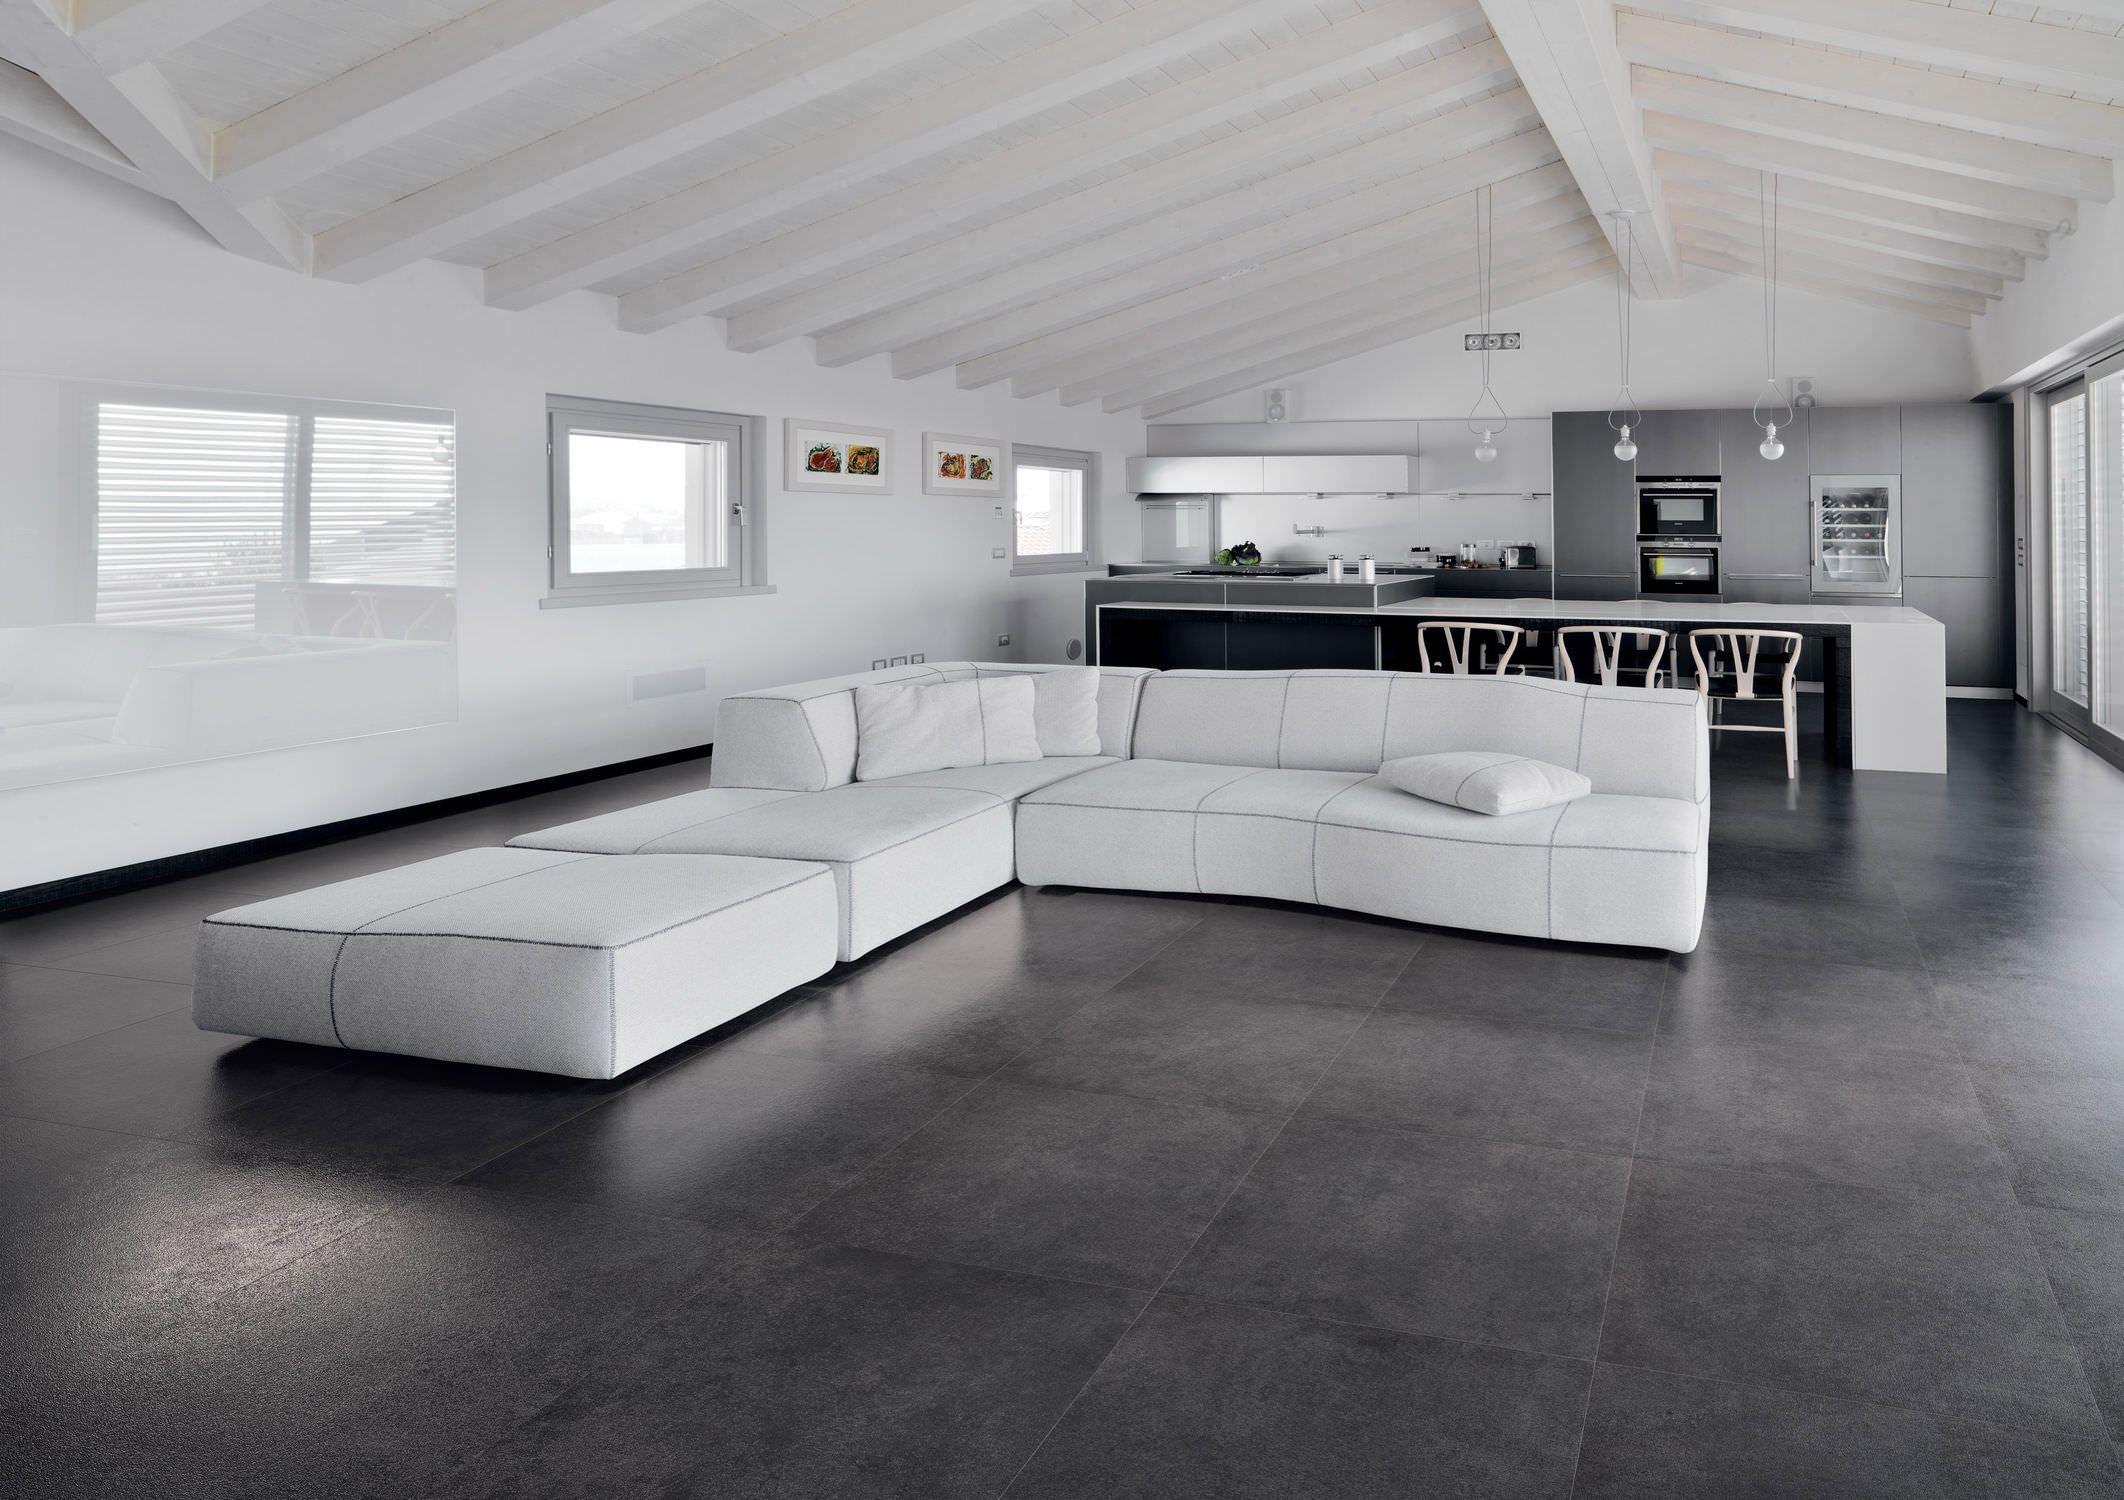 fliese f r innenbereich wohnzimmer boden. Black Bedroom Furniture Sets. Home Design Ideas